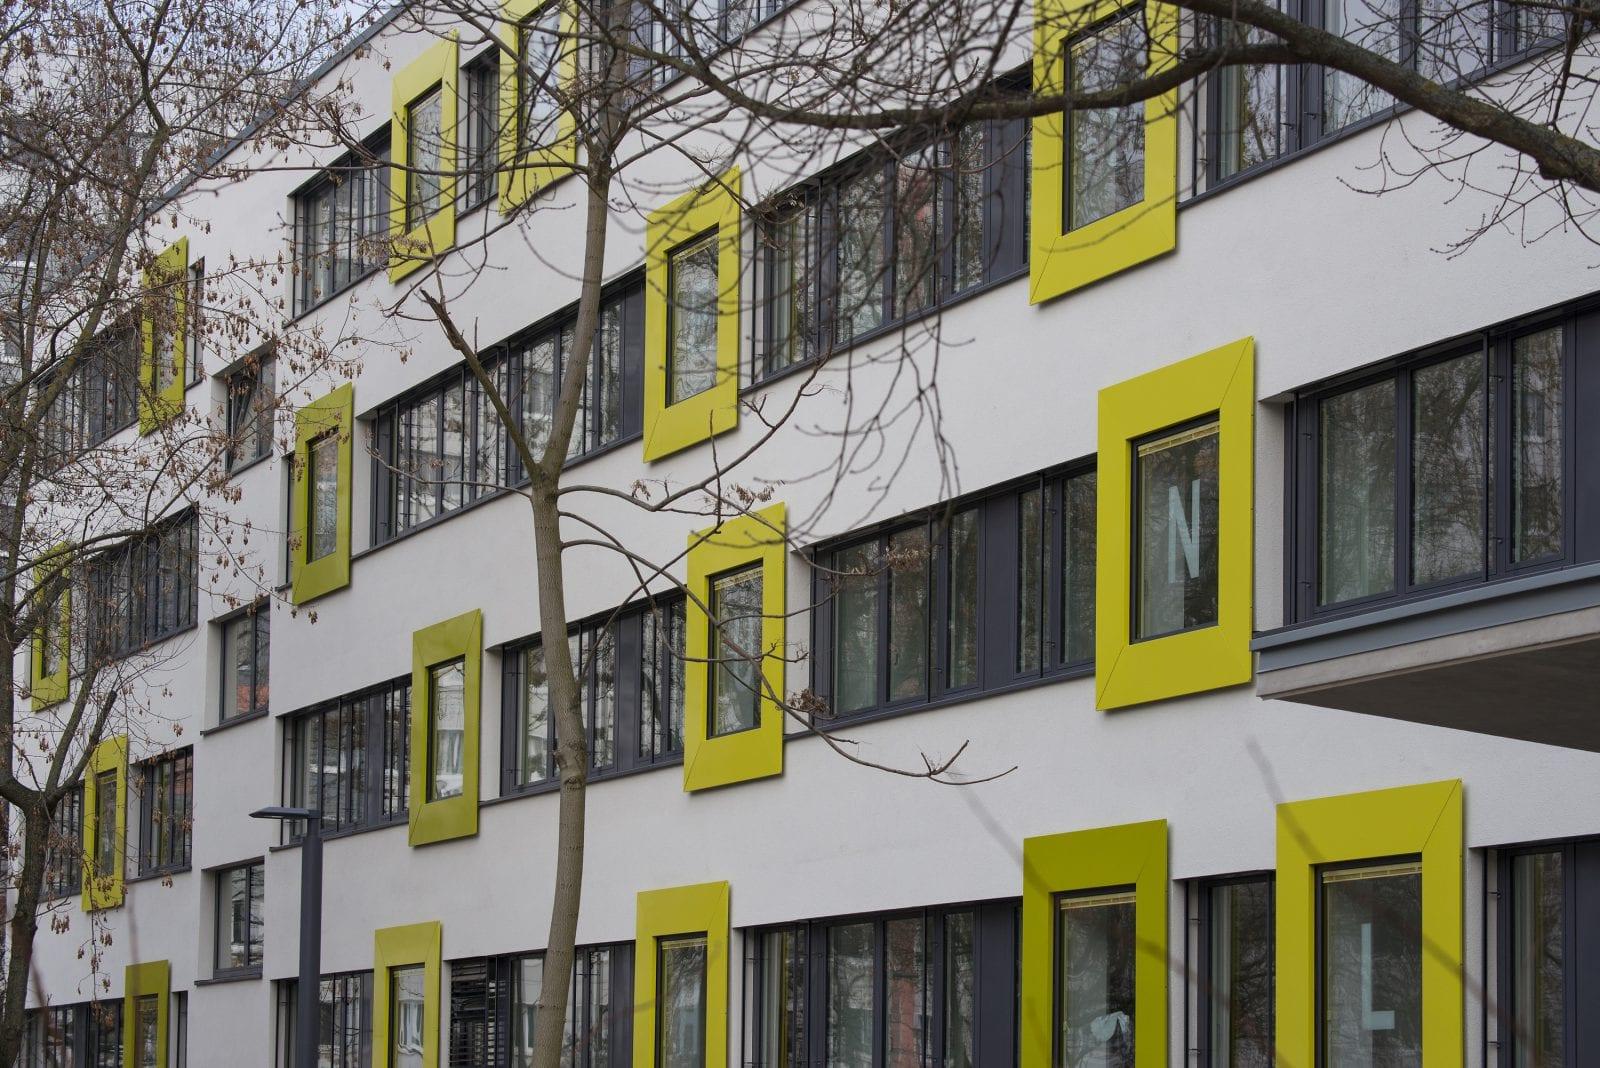 sanierung in berlin typenbau schule mit neuer fassade innenr umen. Black Bedroom Furniture Sets. Home Design Ideas